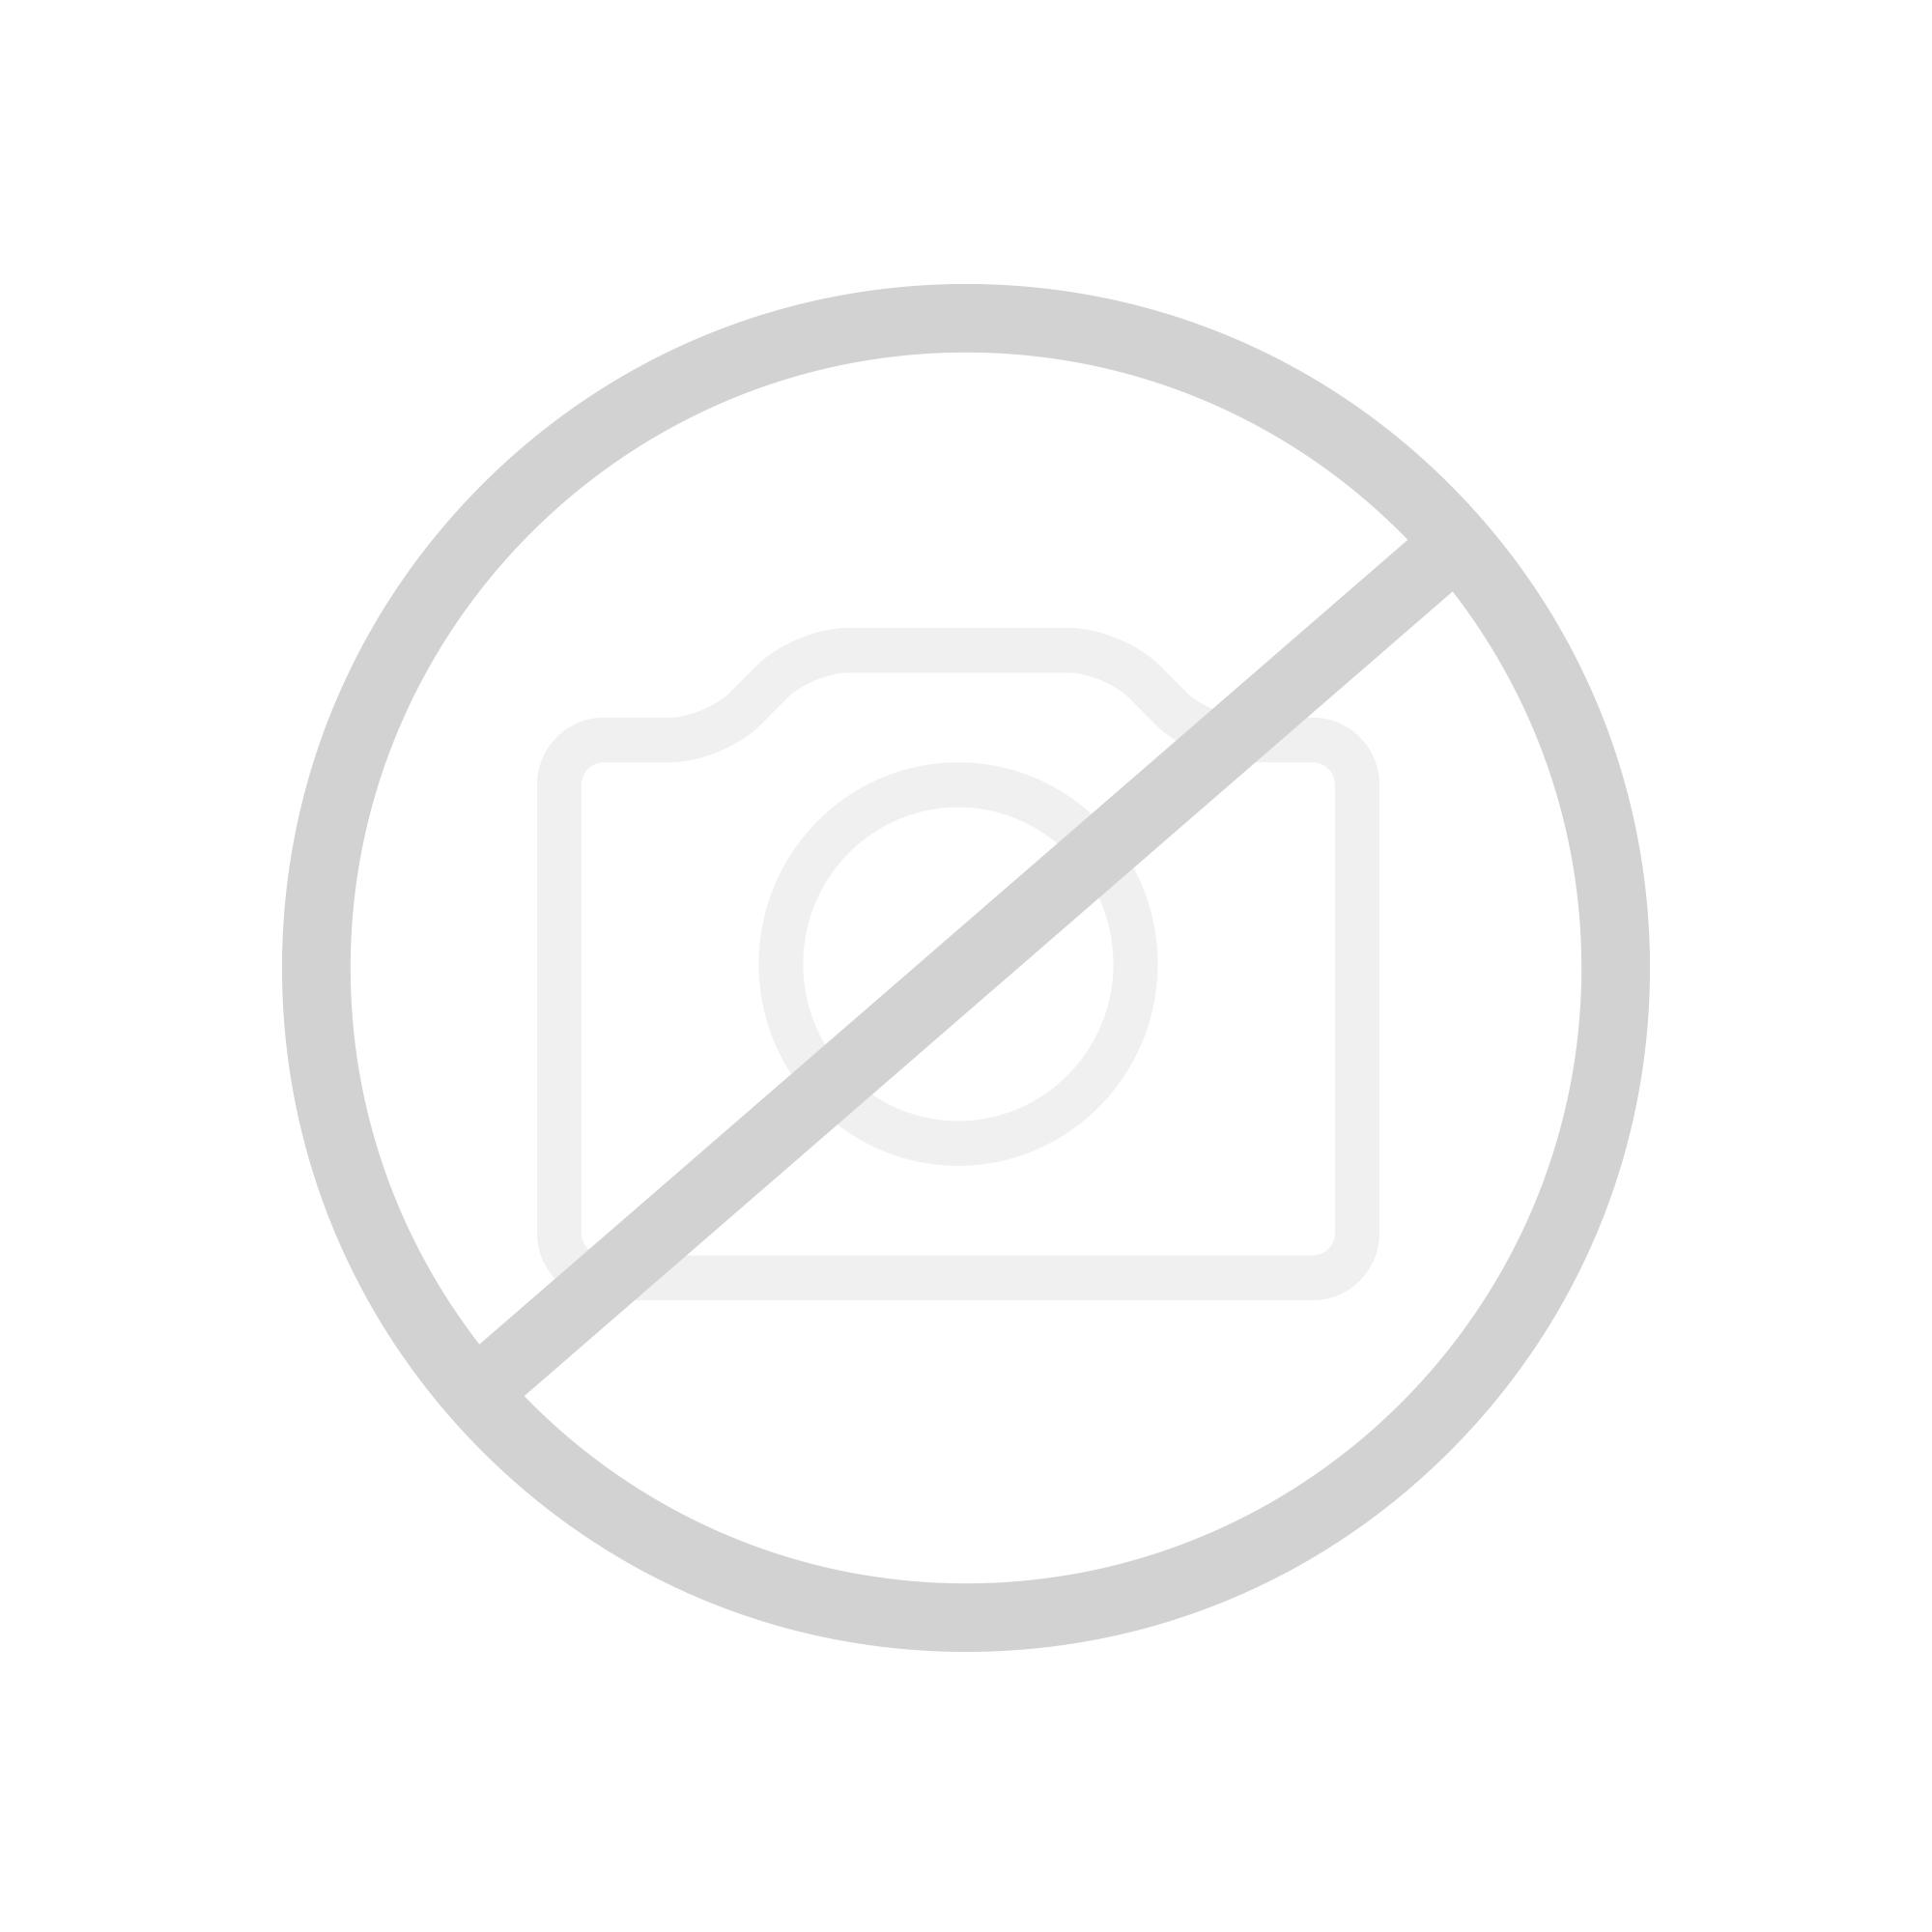 KOH-I-NOOR LED Spiegel mit Raumbeleuchtung